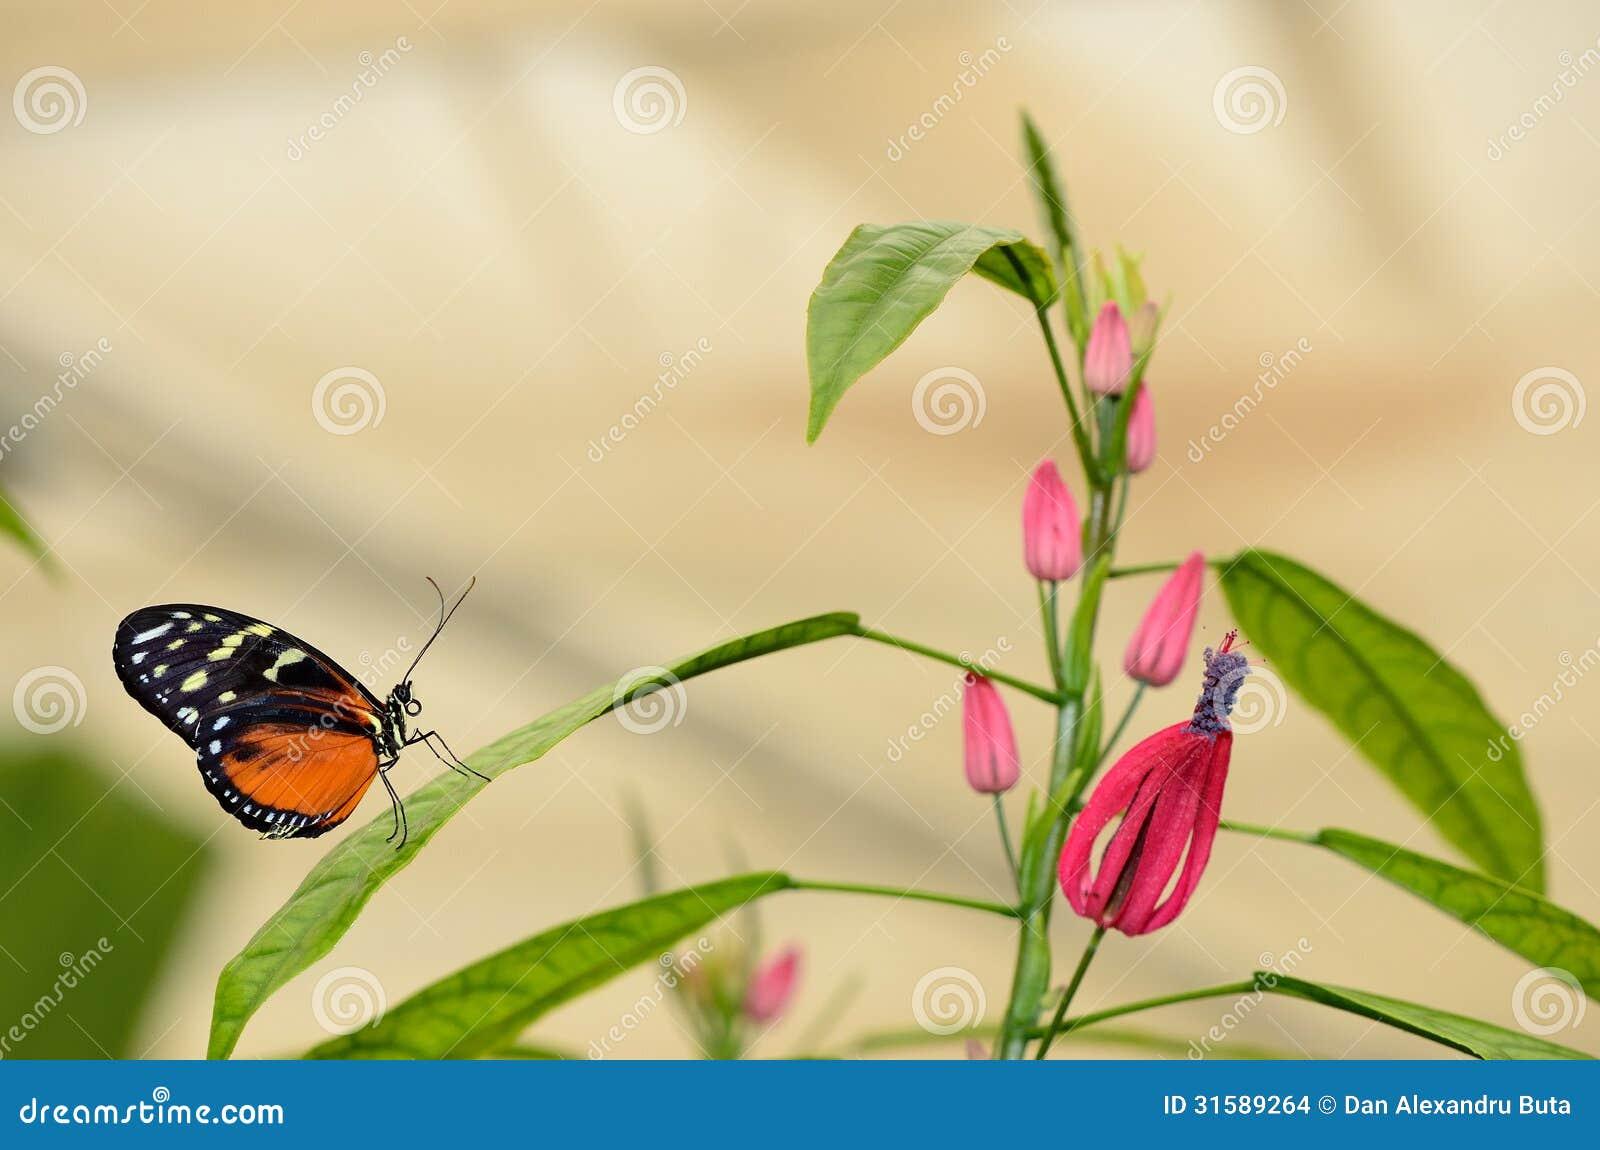 Σχεδιάγραμμα μιας πεταλούδας σε ένα φύλλο